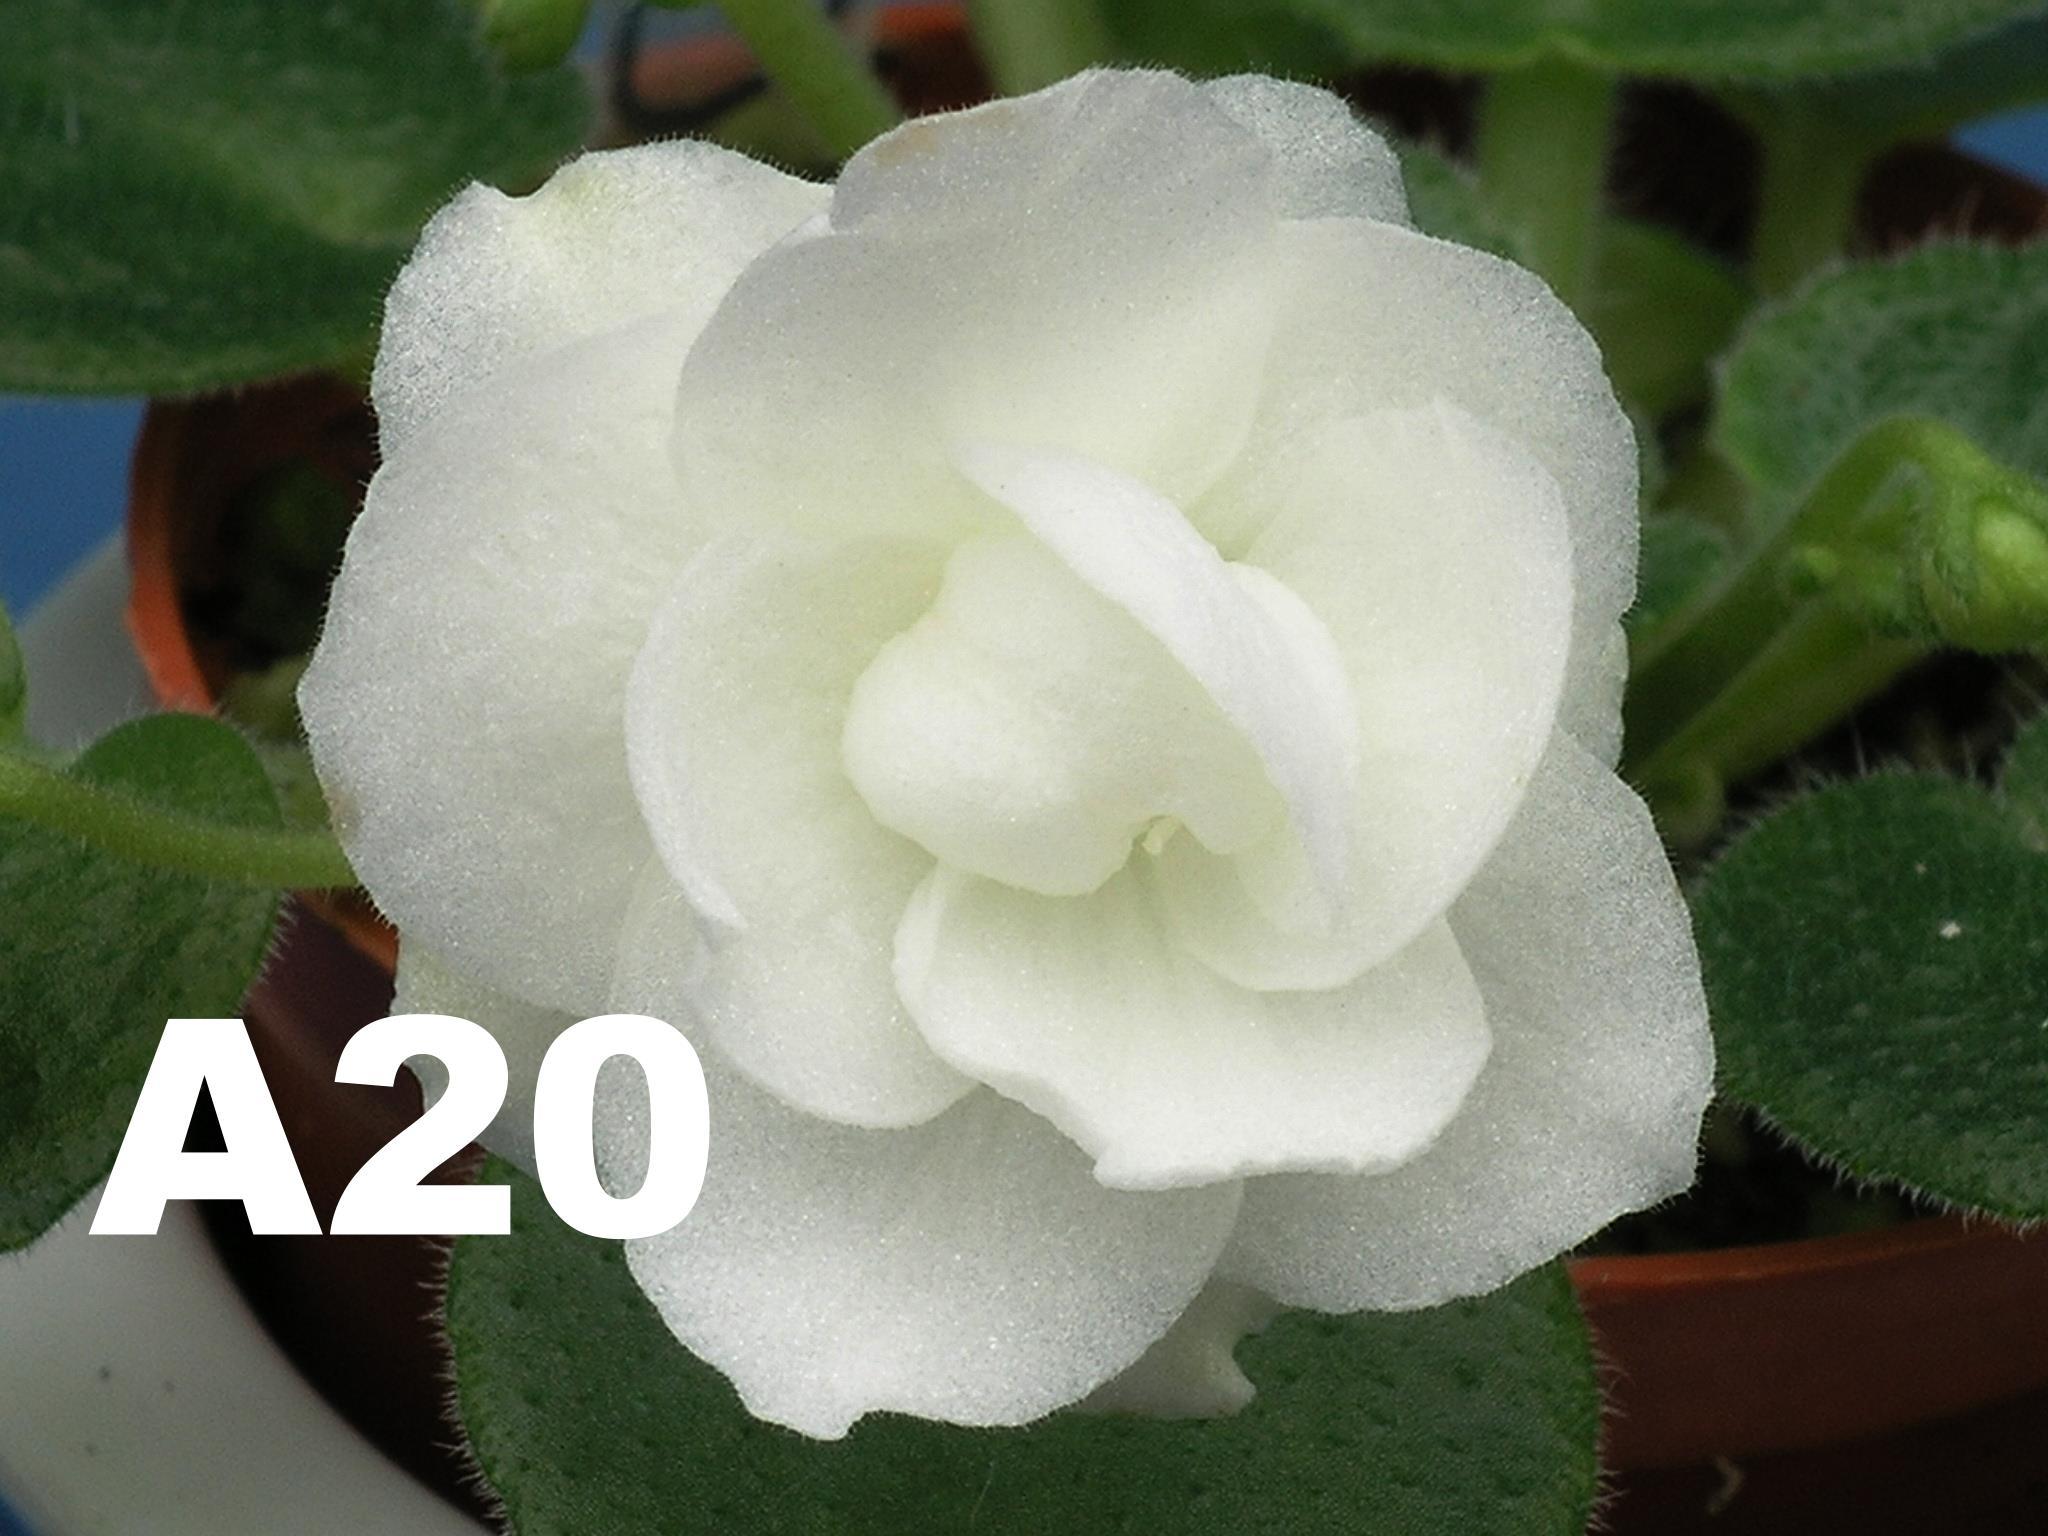 非洲紫羅蘭名錄 | African Violets Catalogue - A系列 A20